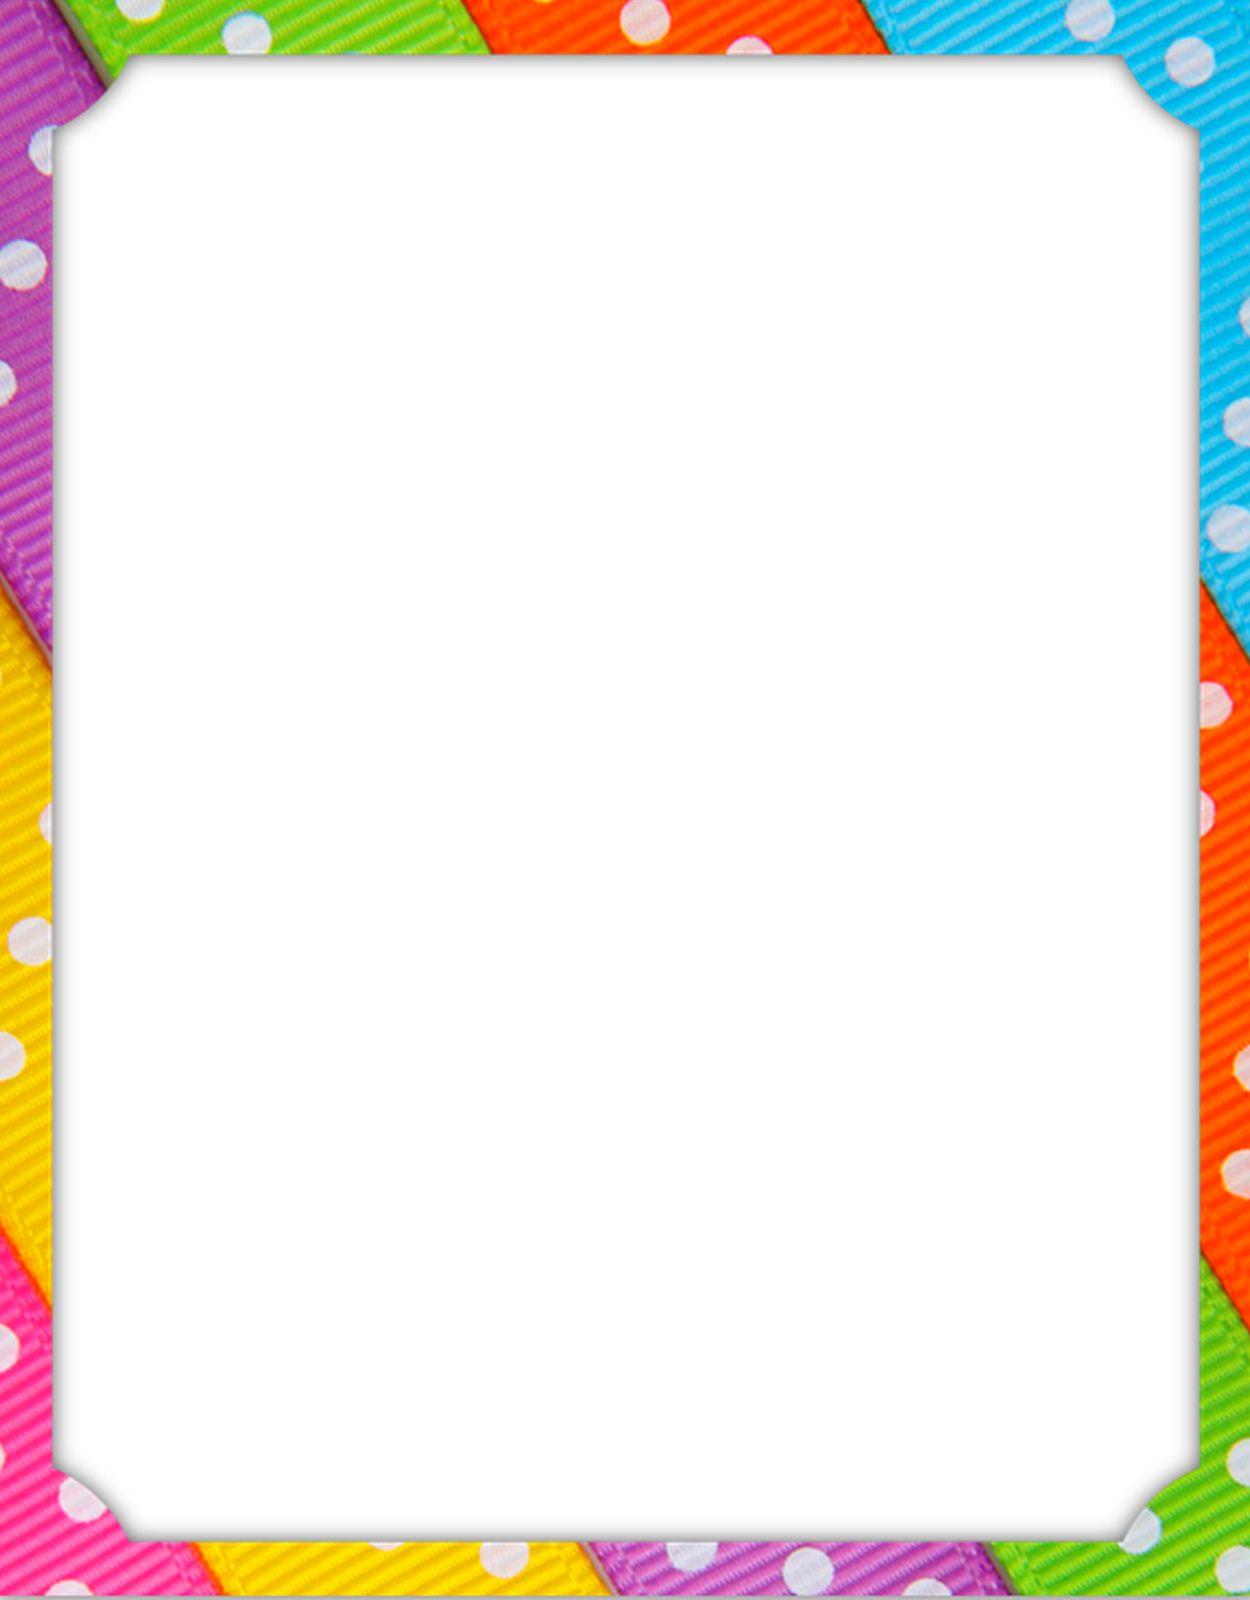 Marcos para caratulas de cuadernos - Imagui | Ideas para el hogar ...